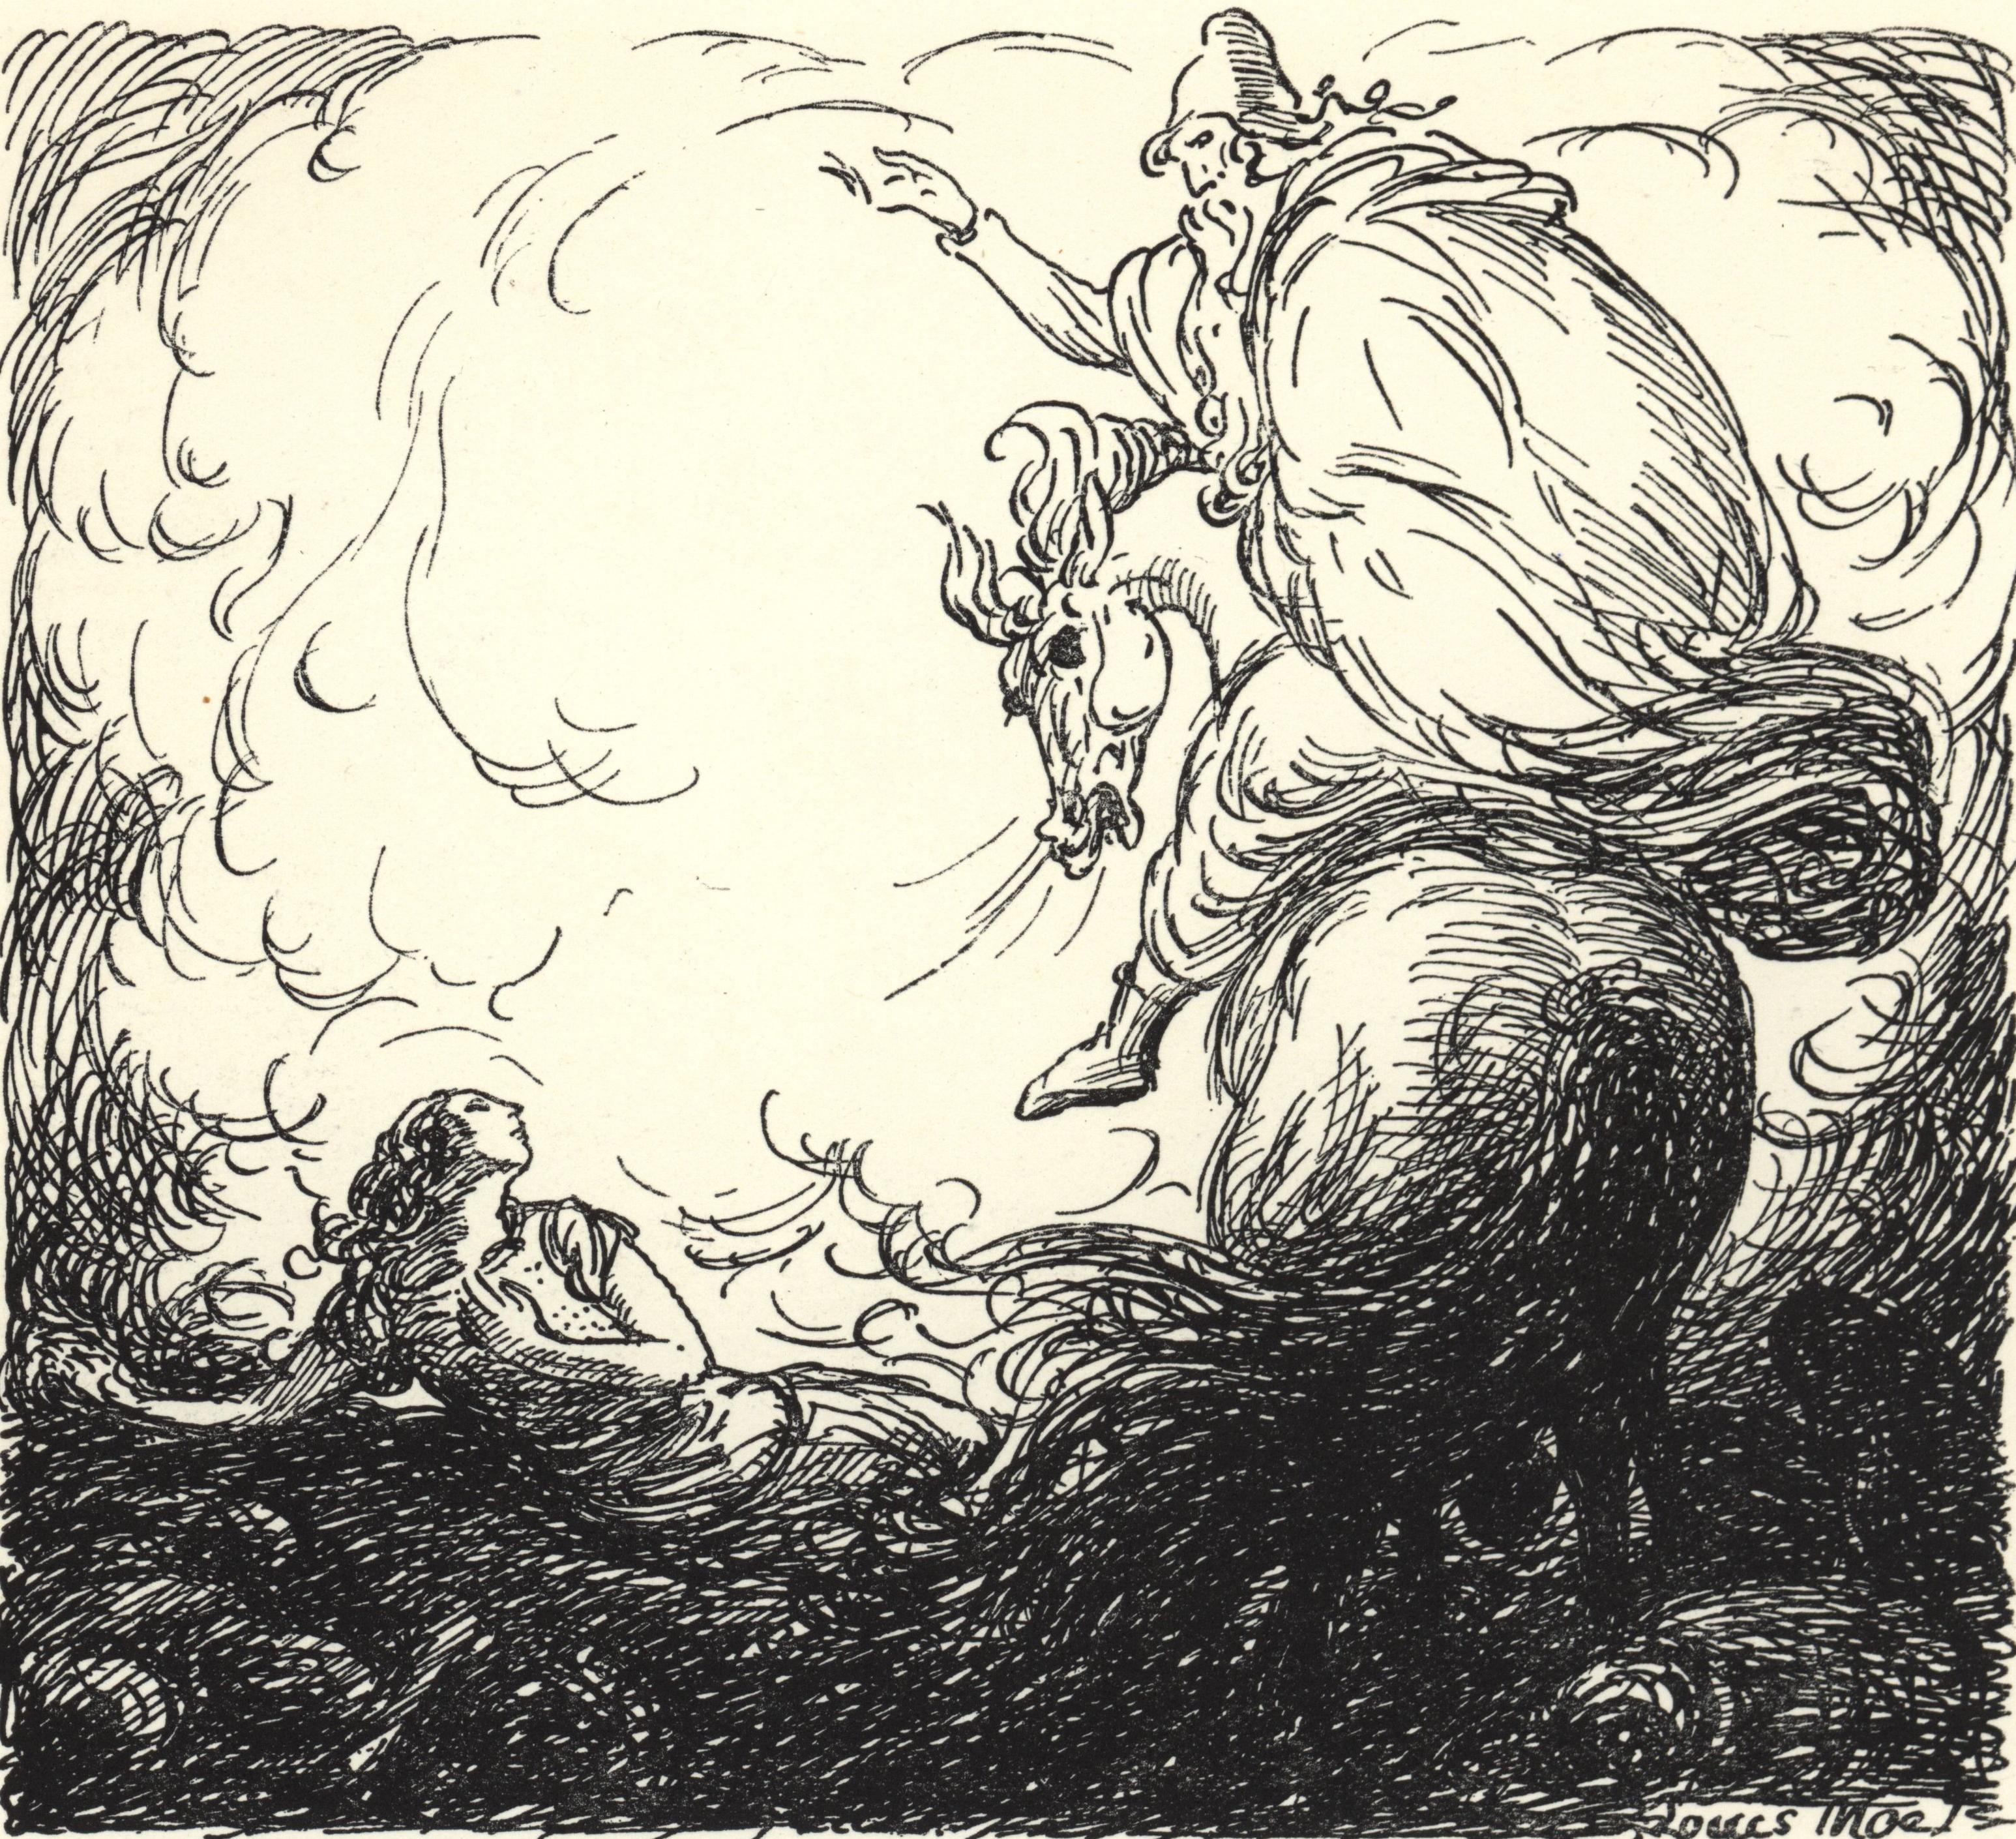 Óðinn Summons Vébjörg to Valhöll